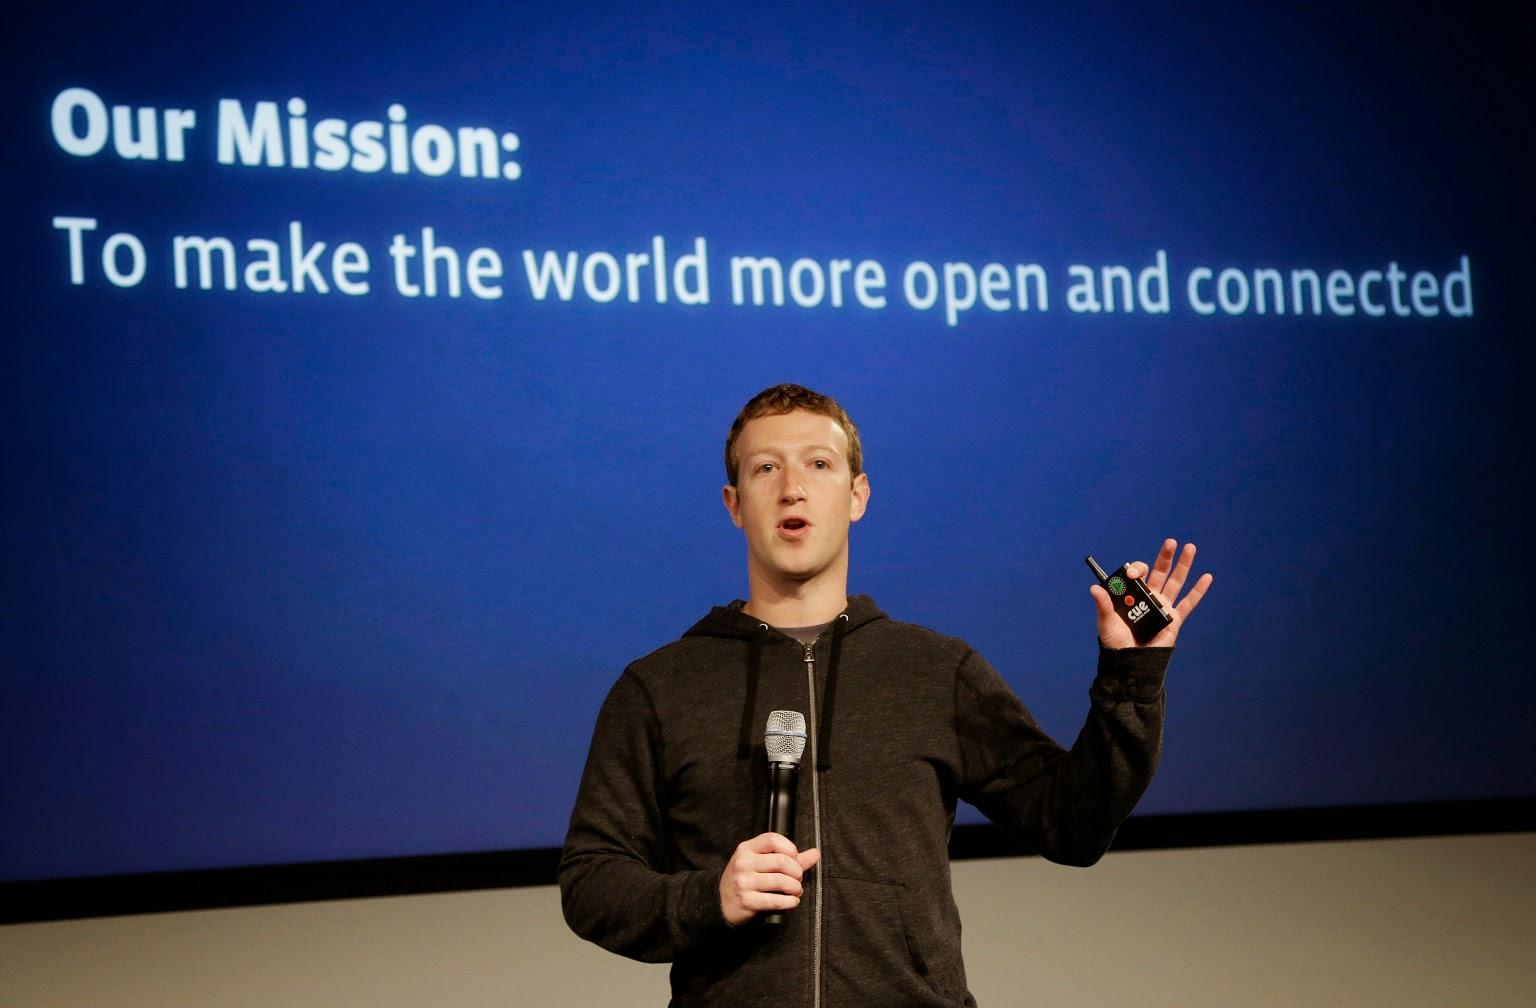 بعد اتهامها بالاحتكار، فيسبوك تعلن عن خطوتها الجديدة في مشروع الإنترنيت المجاني